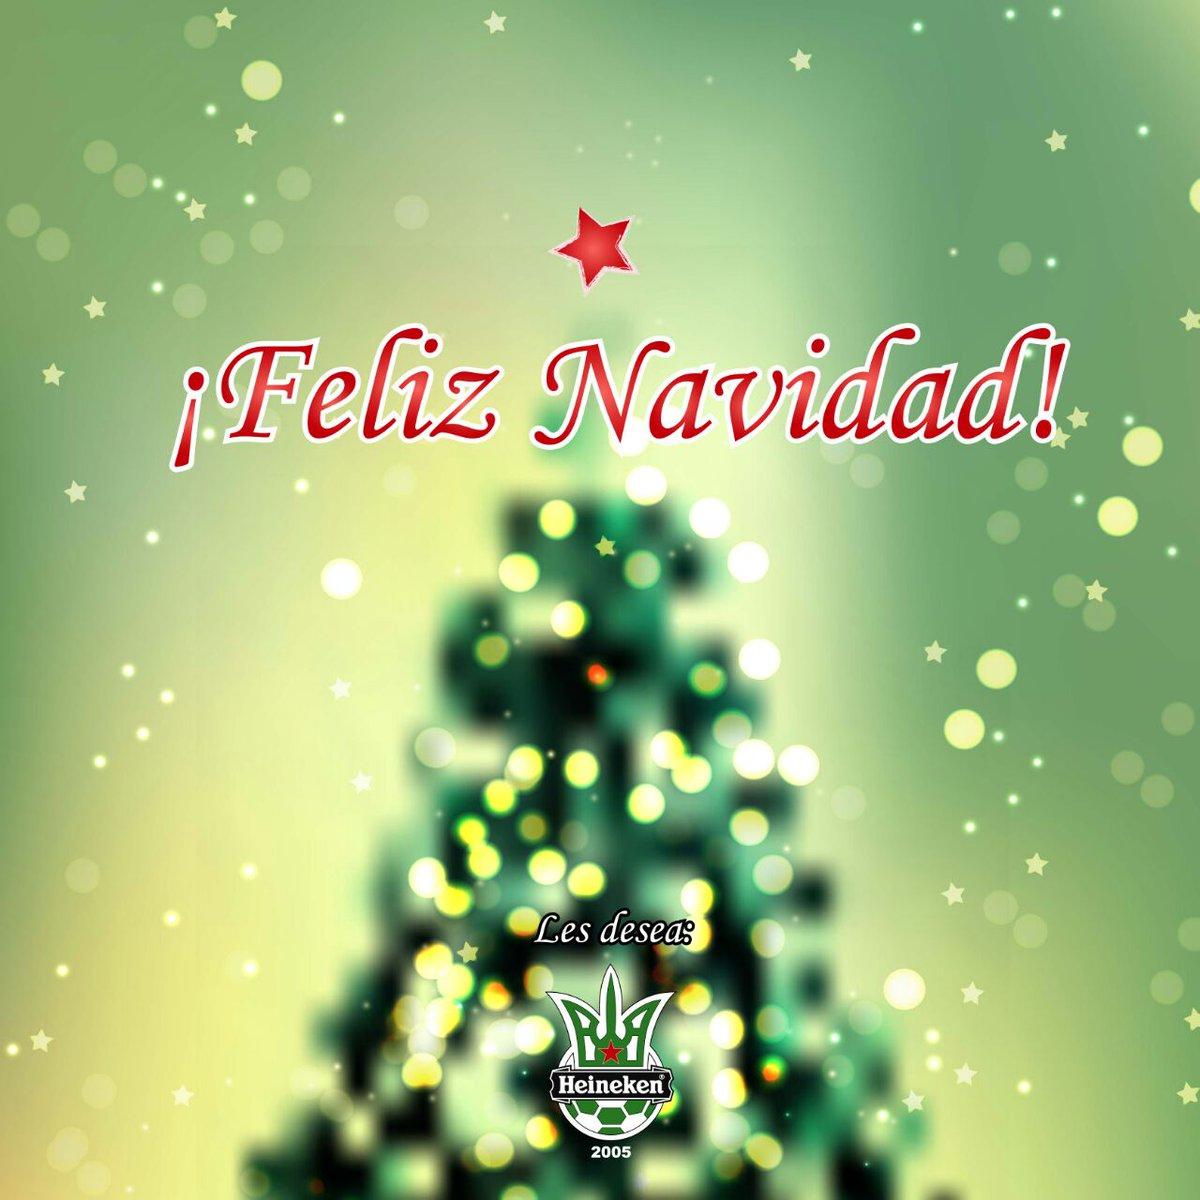 Heineken Feliz Navidad.Heineken 05 On Twitter Feliz Navidad A Toda La Gran